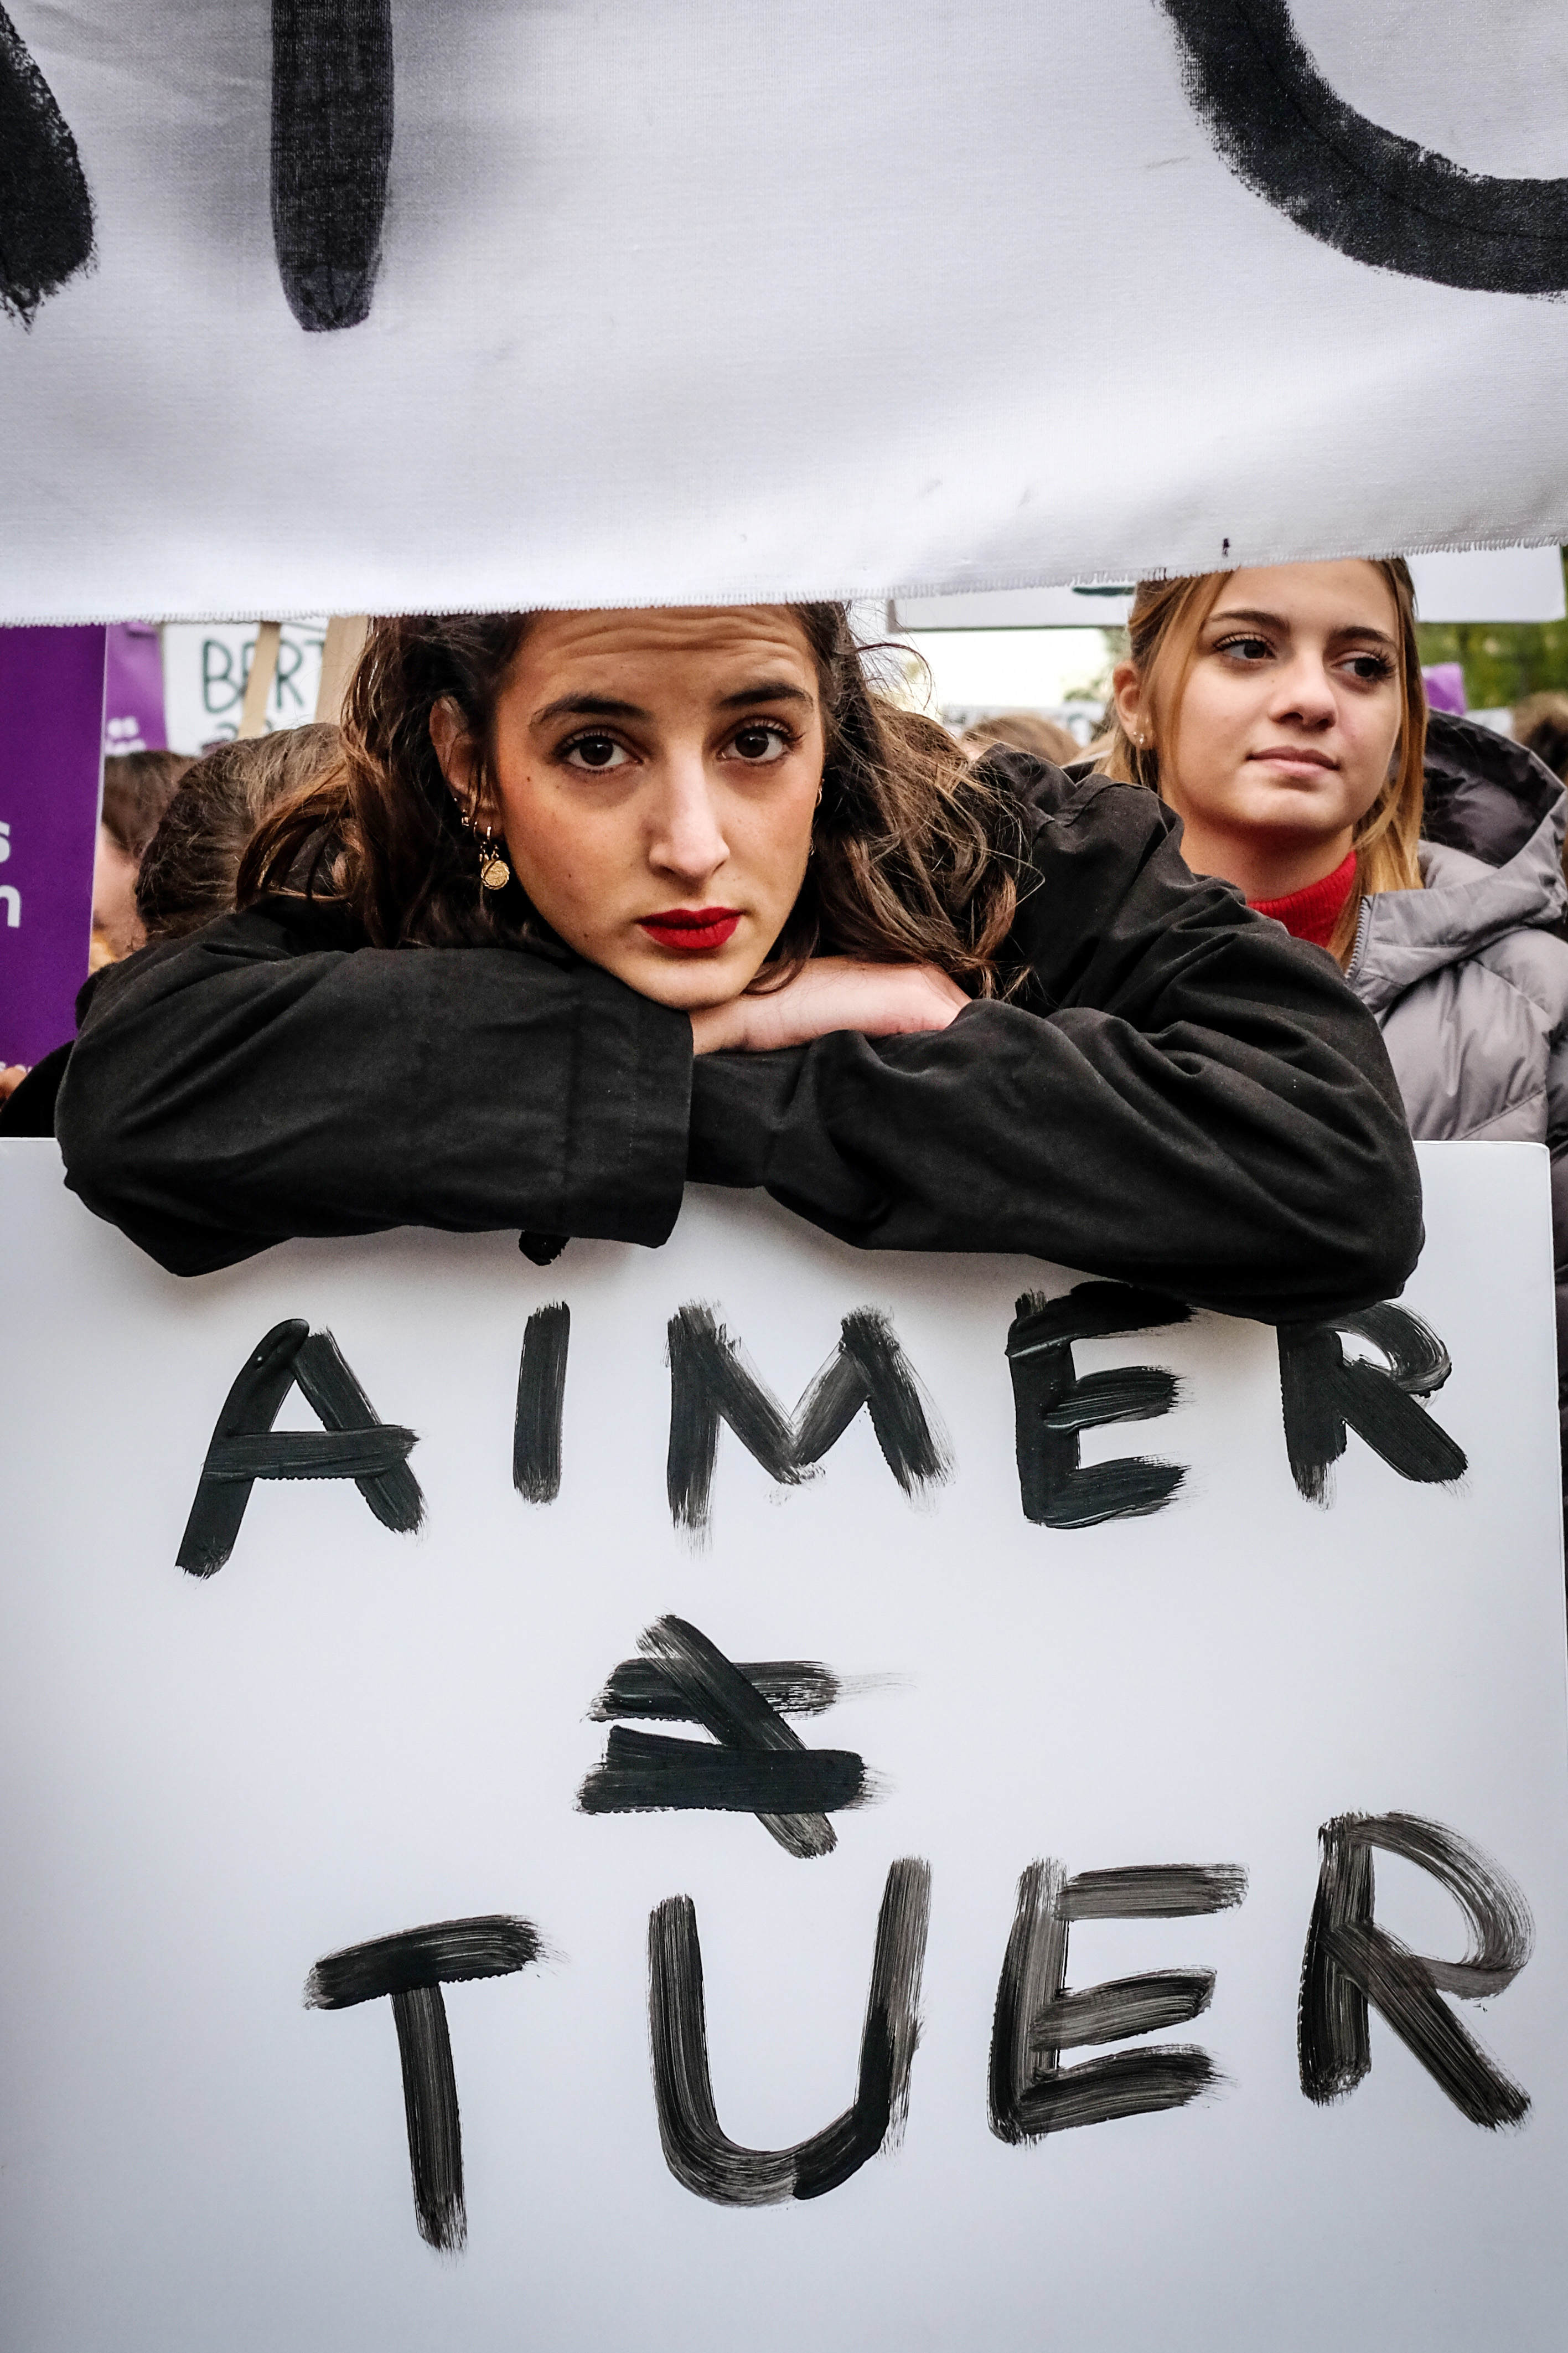 """Marche """" contre les féminicides, les violences sexistes et sexuelles """", à l'initiative du collectif NousToutes, Paris, 23 novembre 2019. © Elko Hirsch/ Hans Lucas/ AFP."""